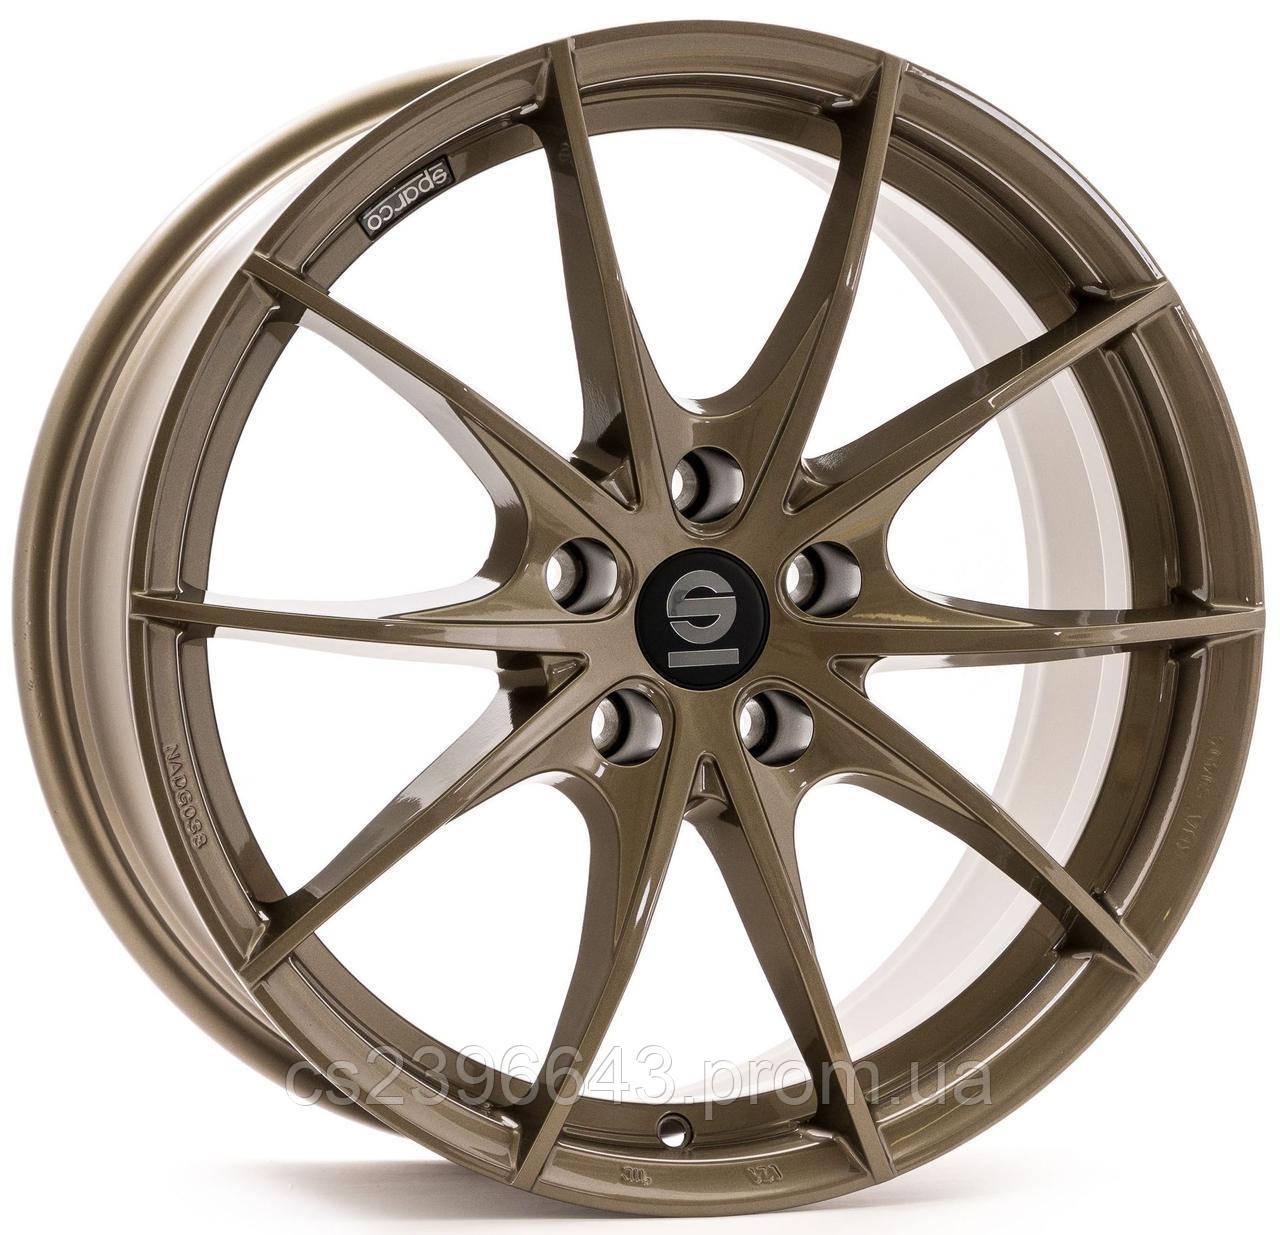 Колесный диск Sparco Trofeo 5 18x8 ET35